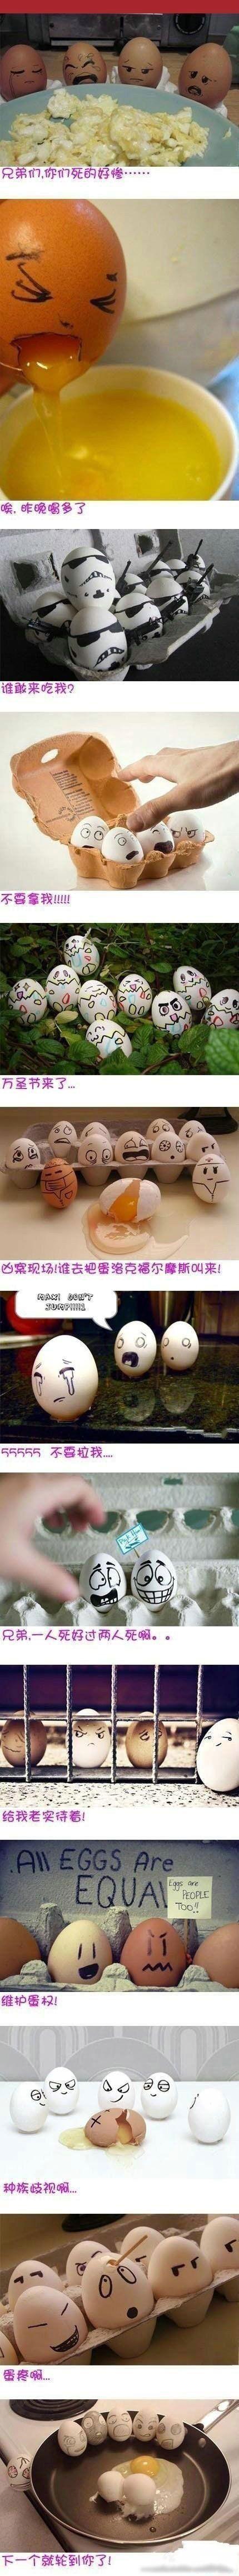 从前有一群鸡蛋